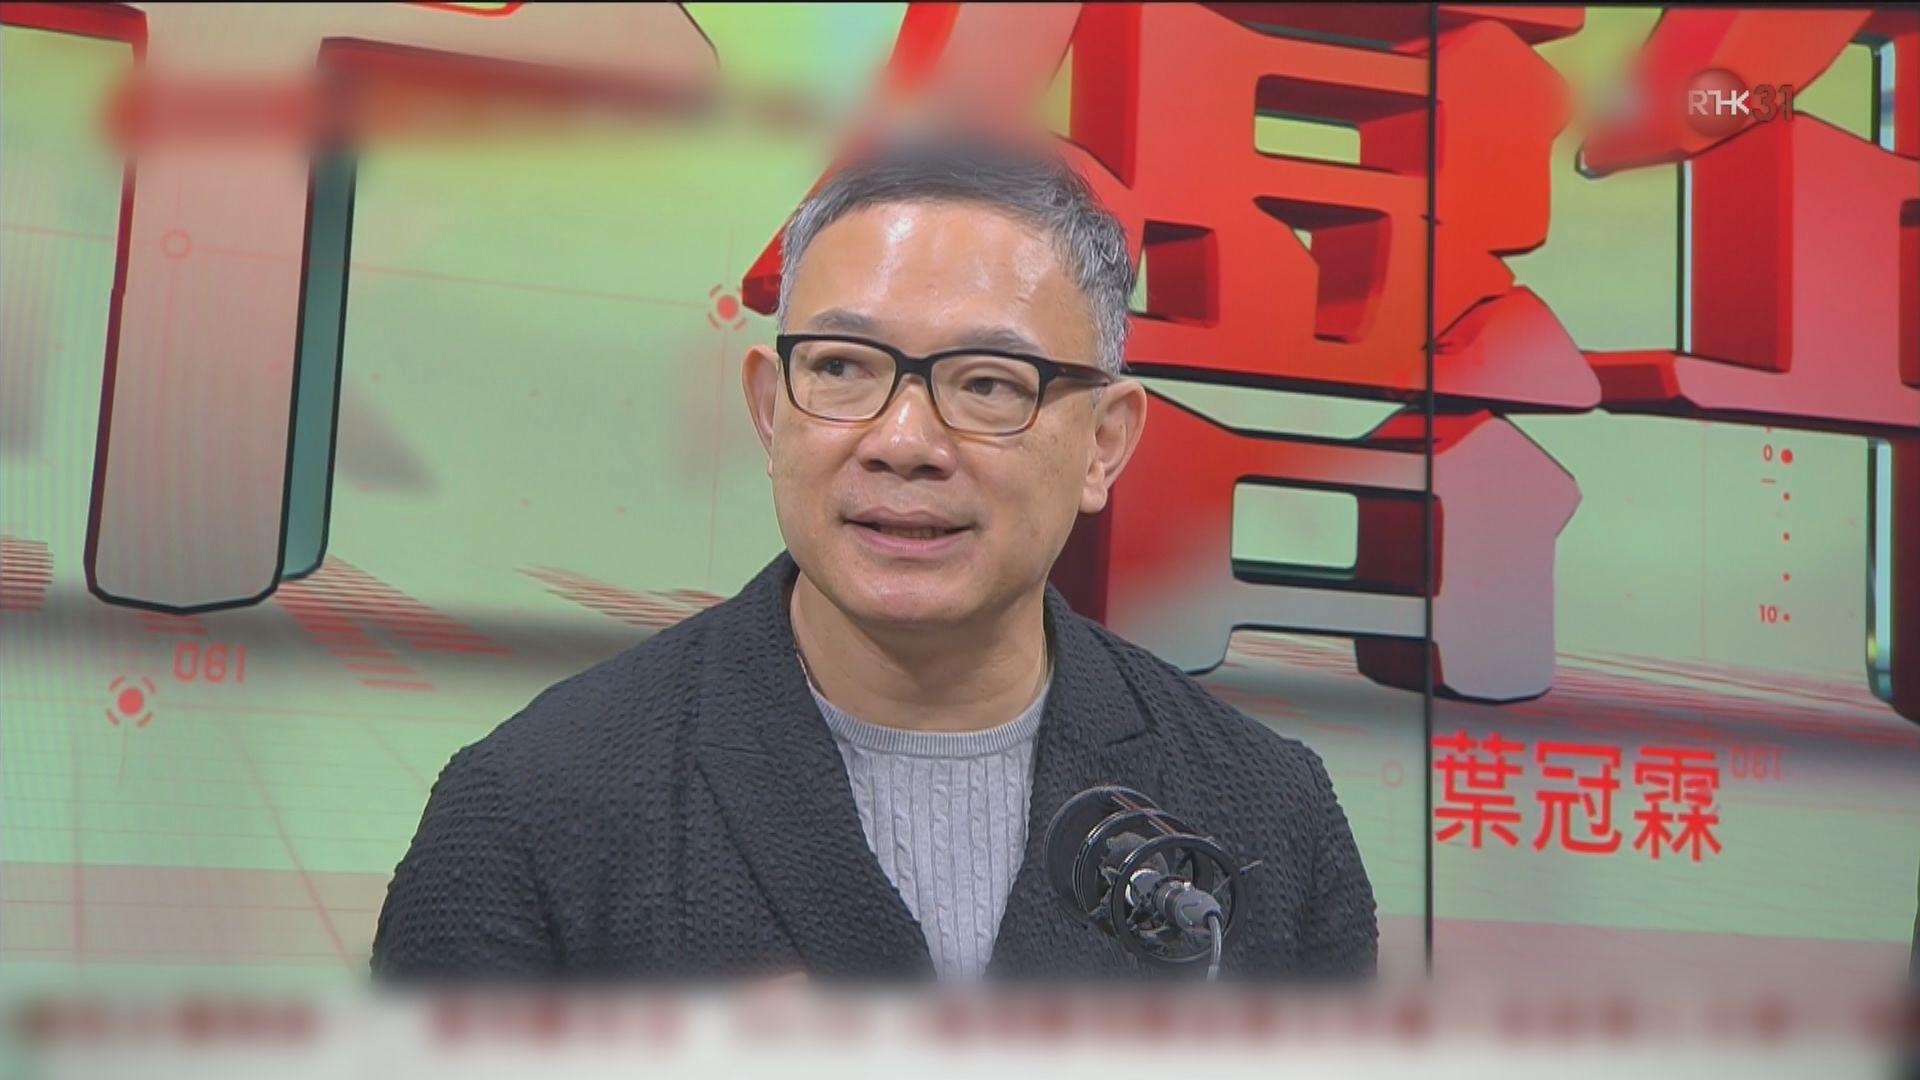 謝偉俊:政府學生閉門會面助拉近雙方距離